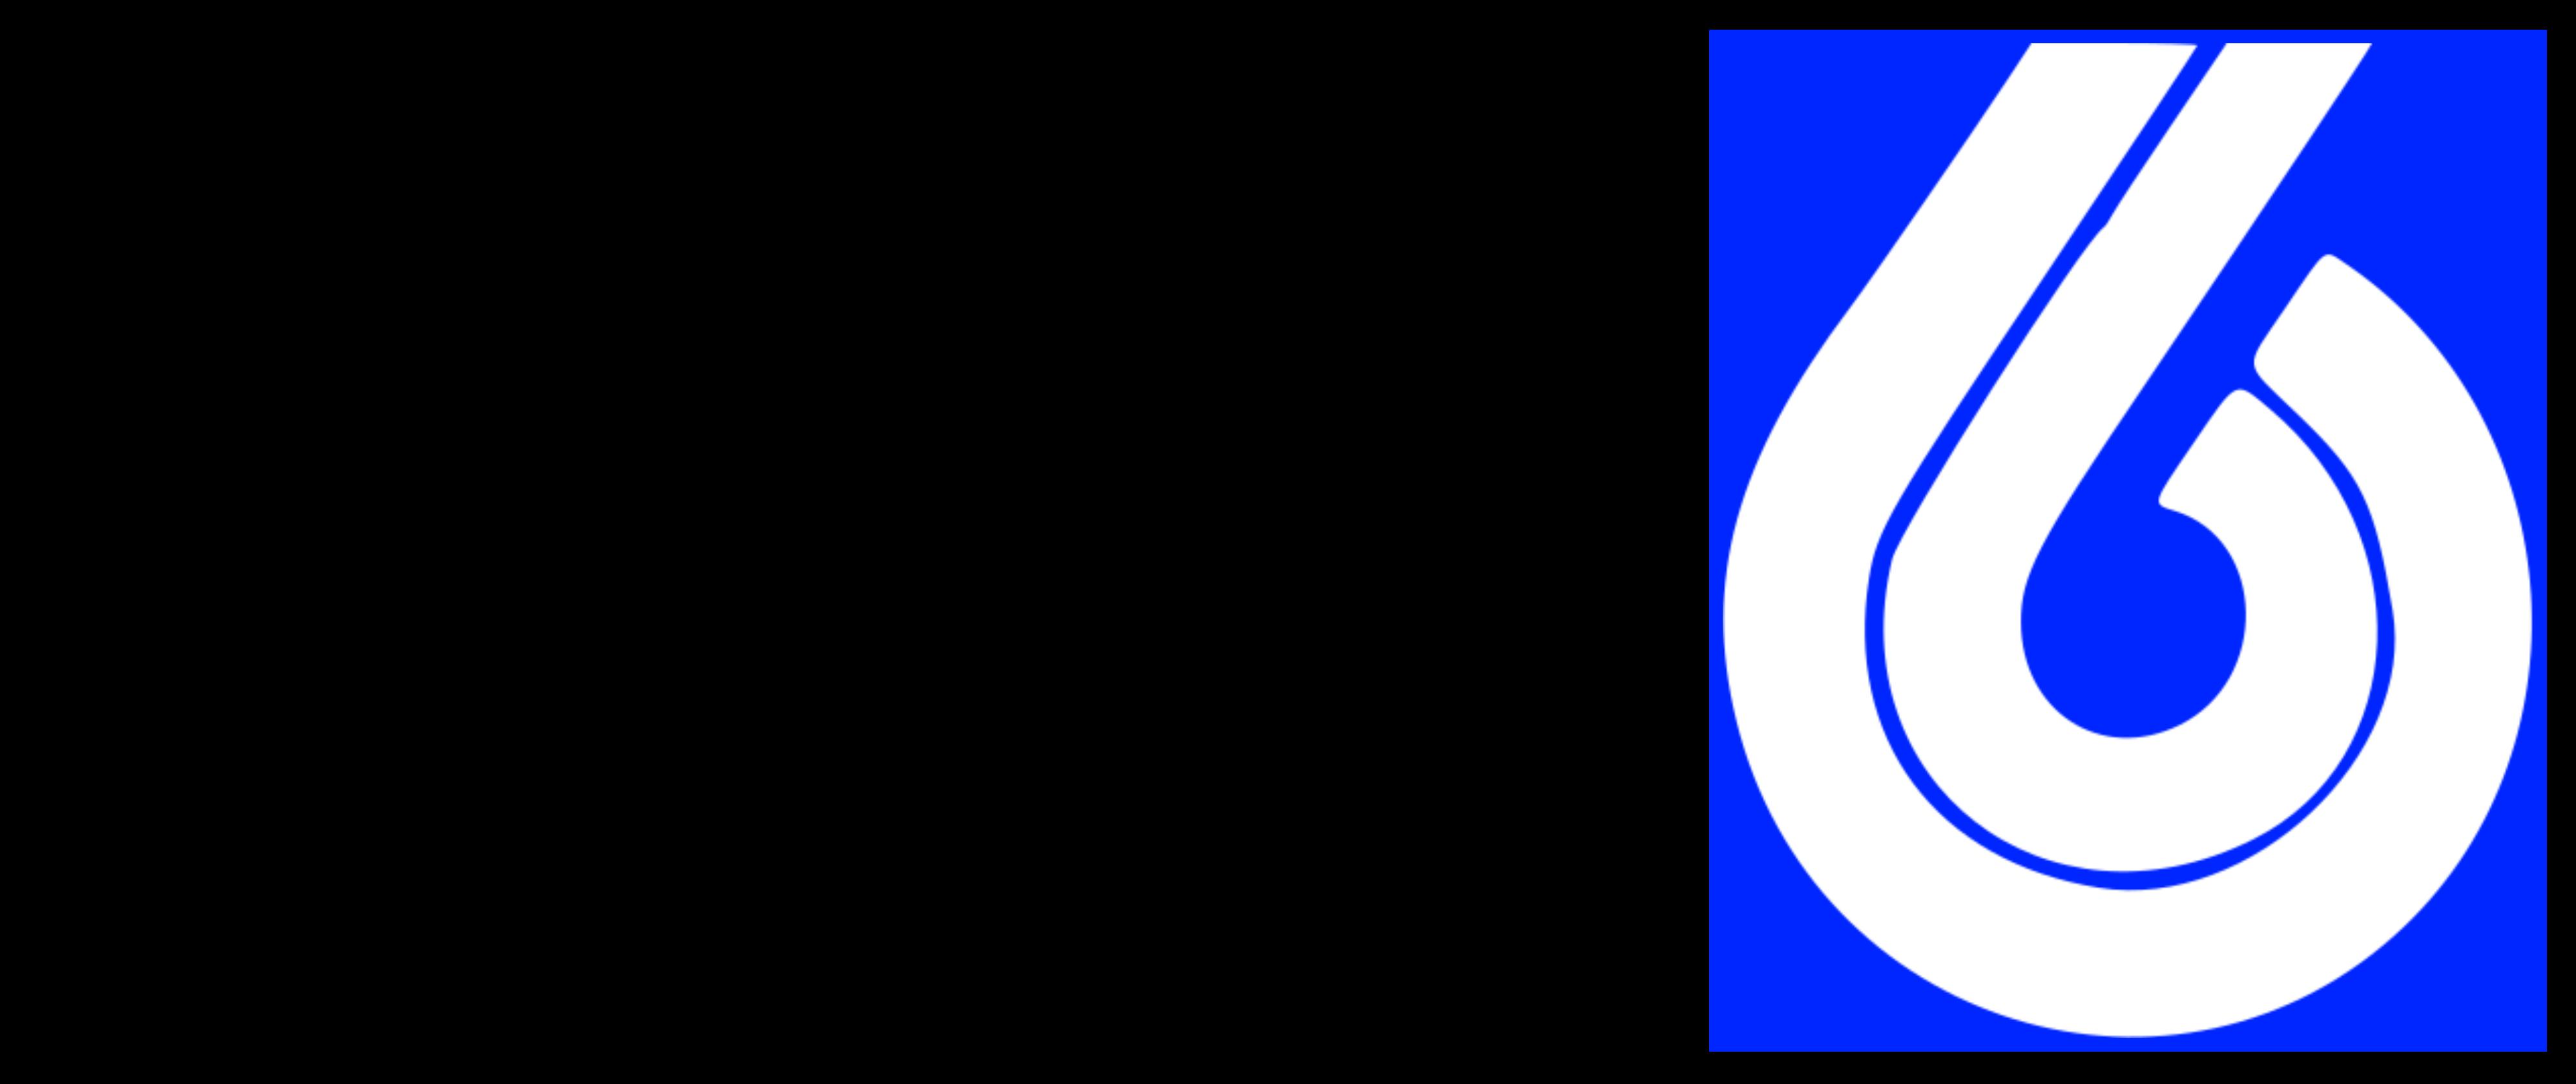 AlternateHistory.com's WRTV logo #1.png